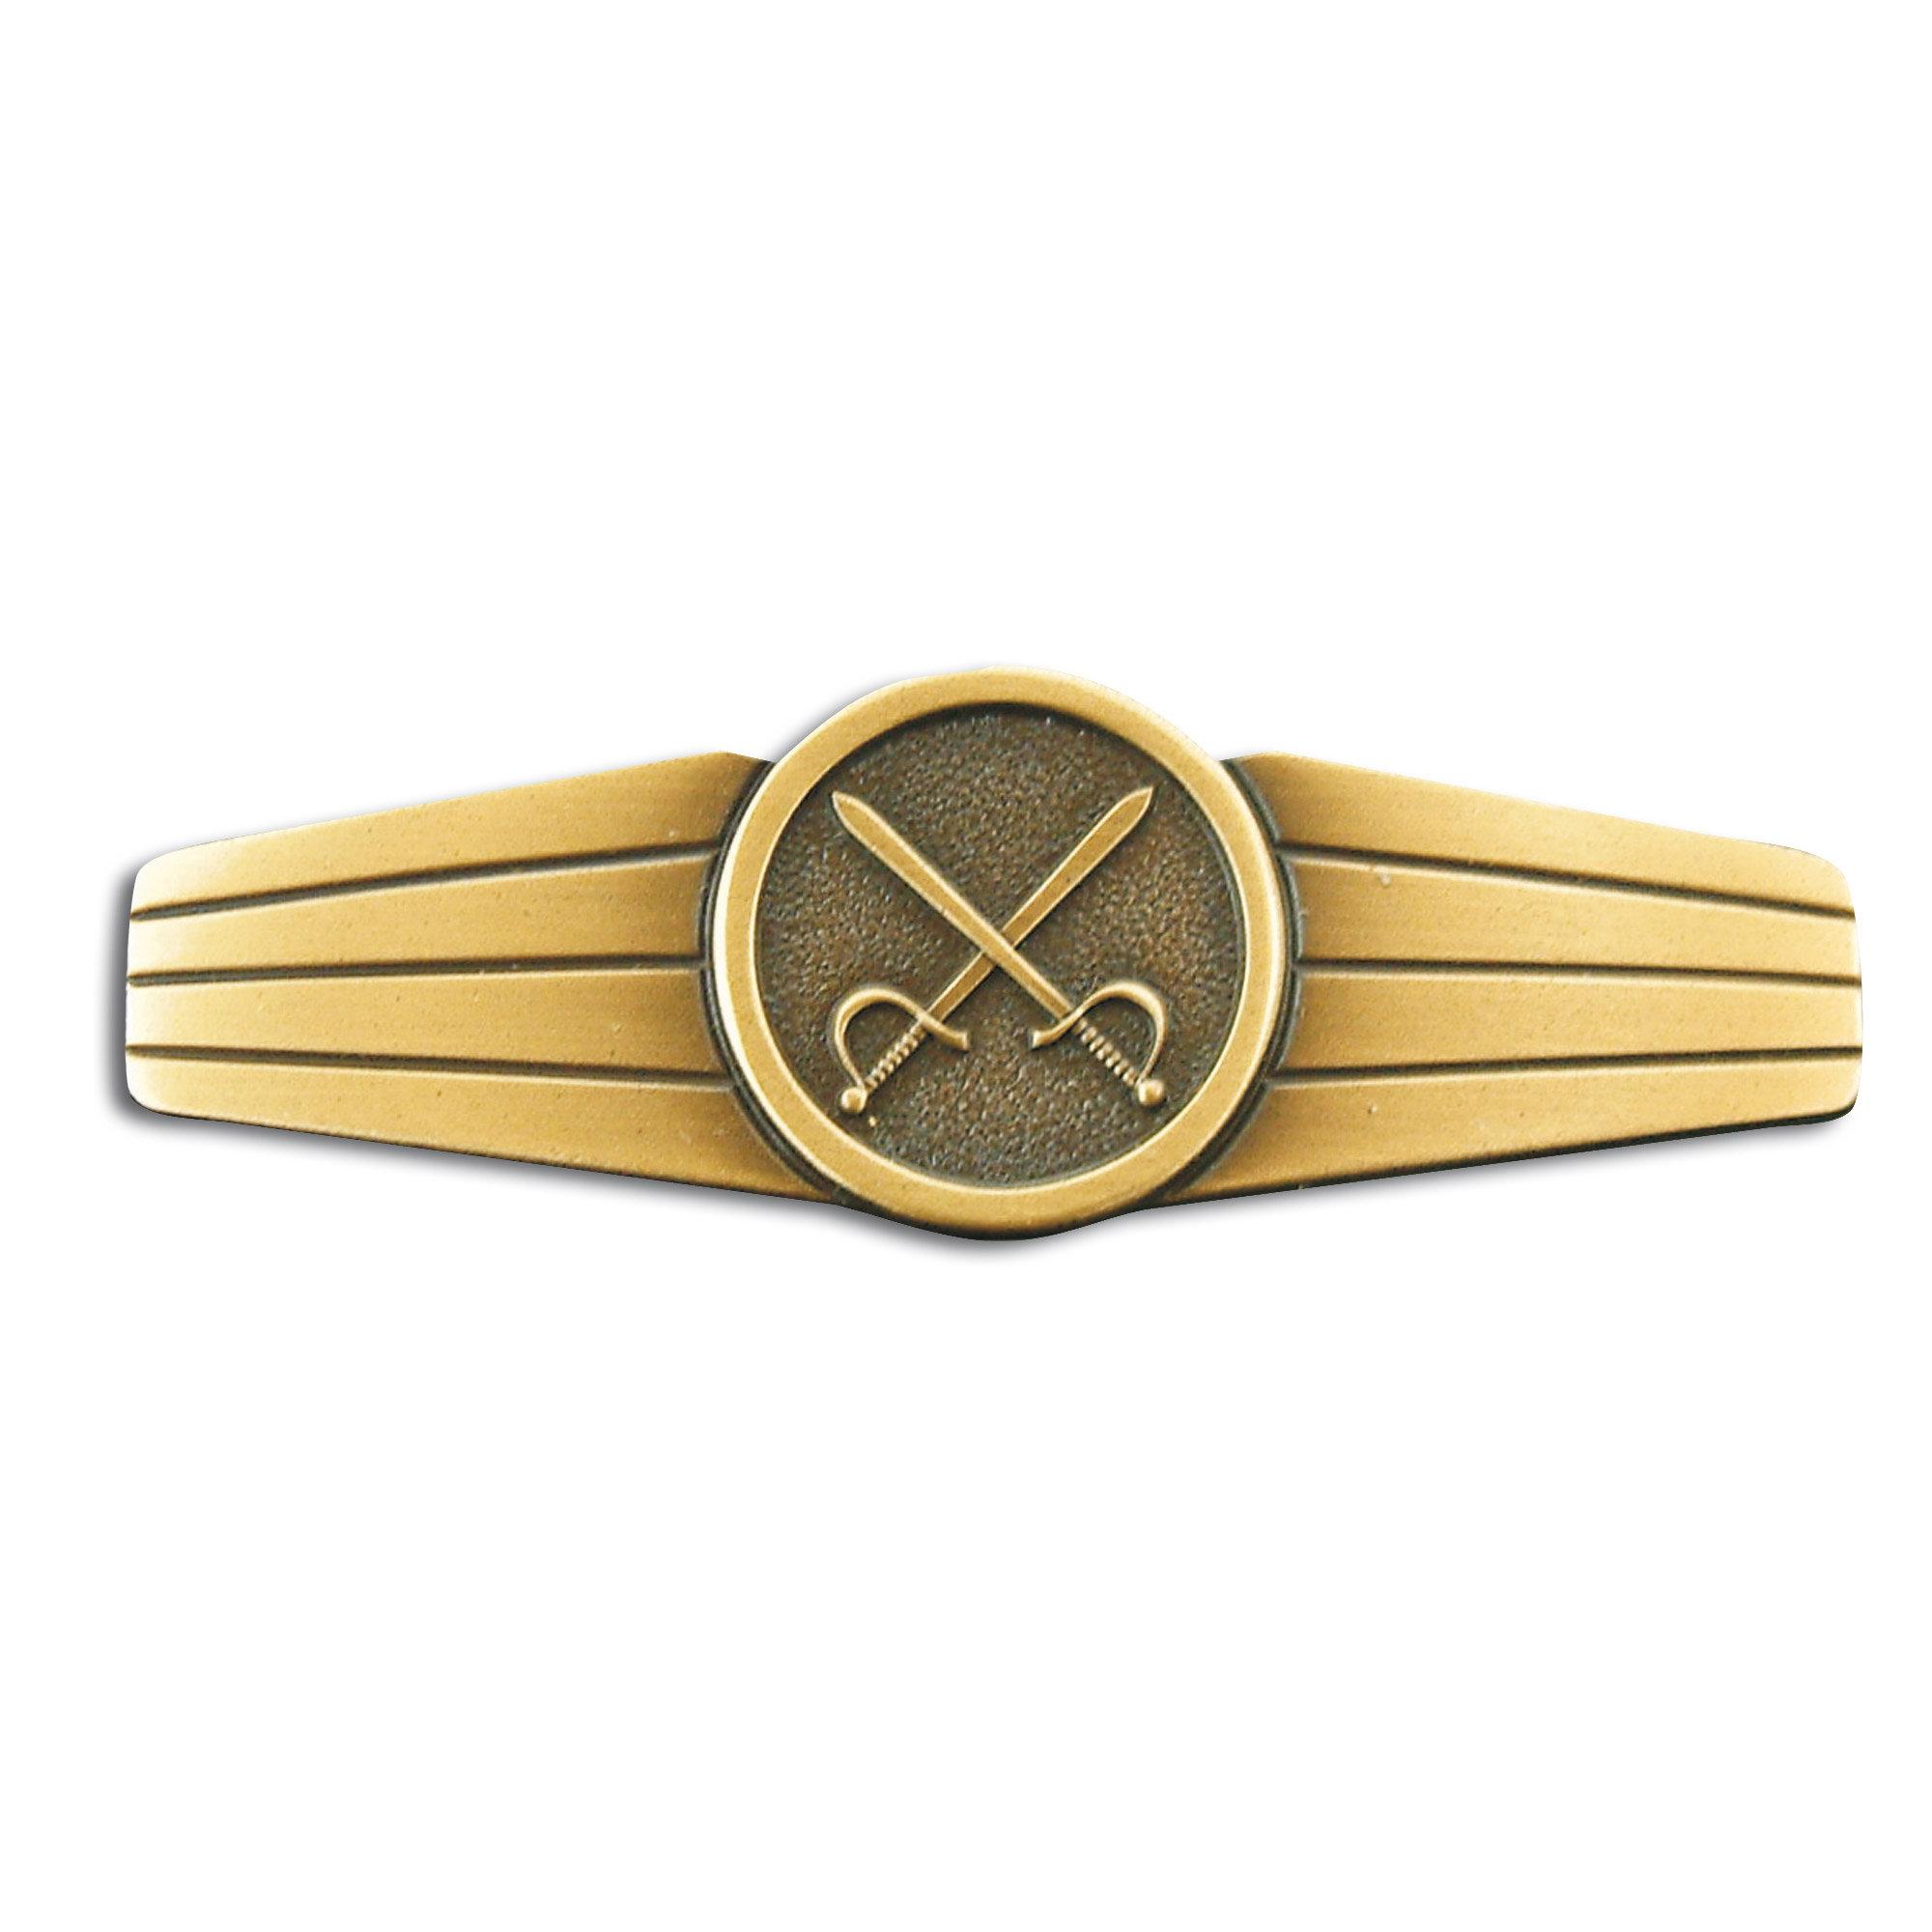 Abzeichen BW Heeresdienstpersonal Metall bronze